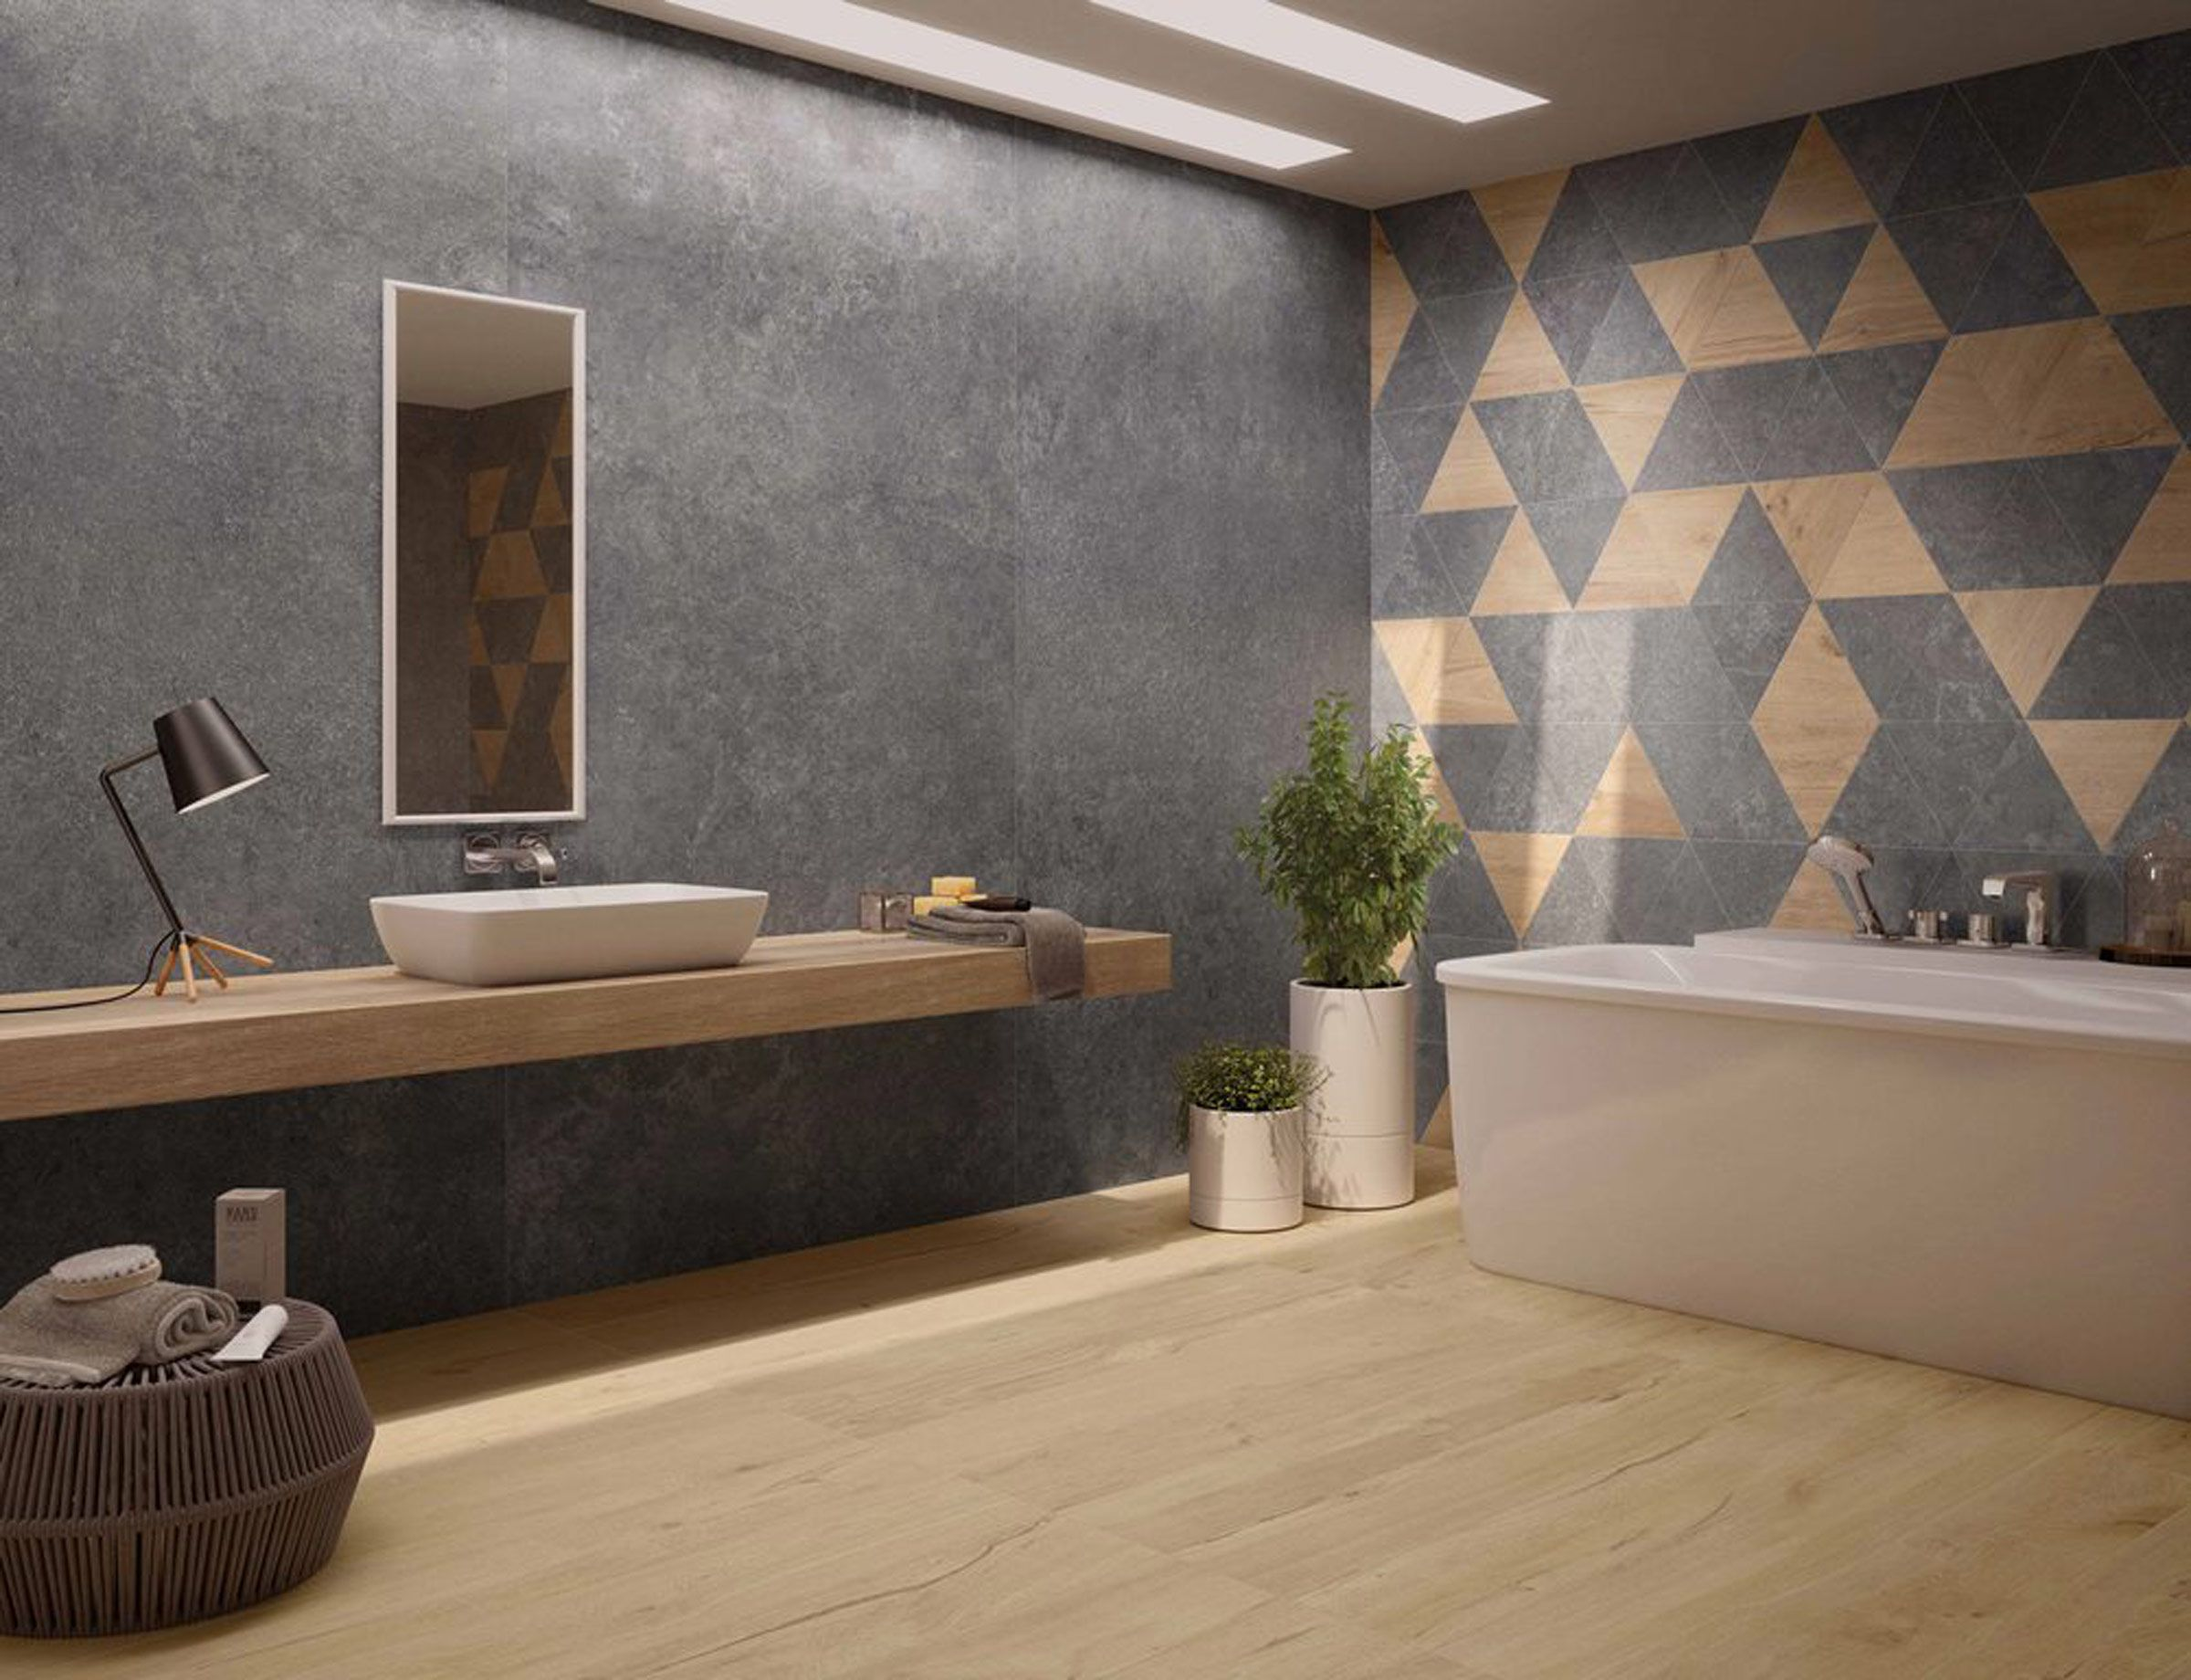 Modernes Badezimmer Badezimmer Bodenbelag Fur Badezimmer Bodenfliesen Bad